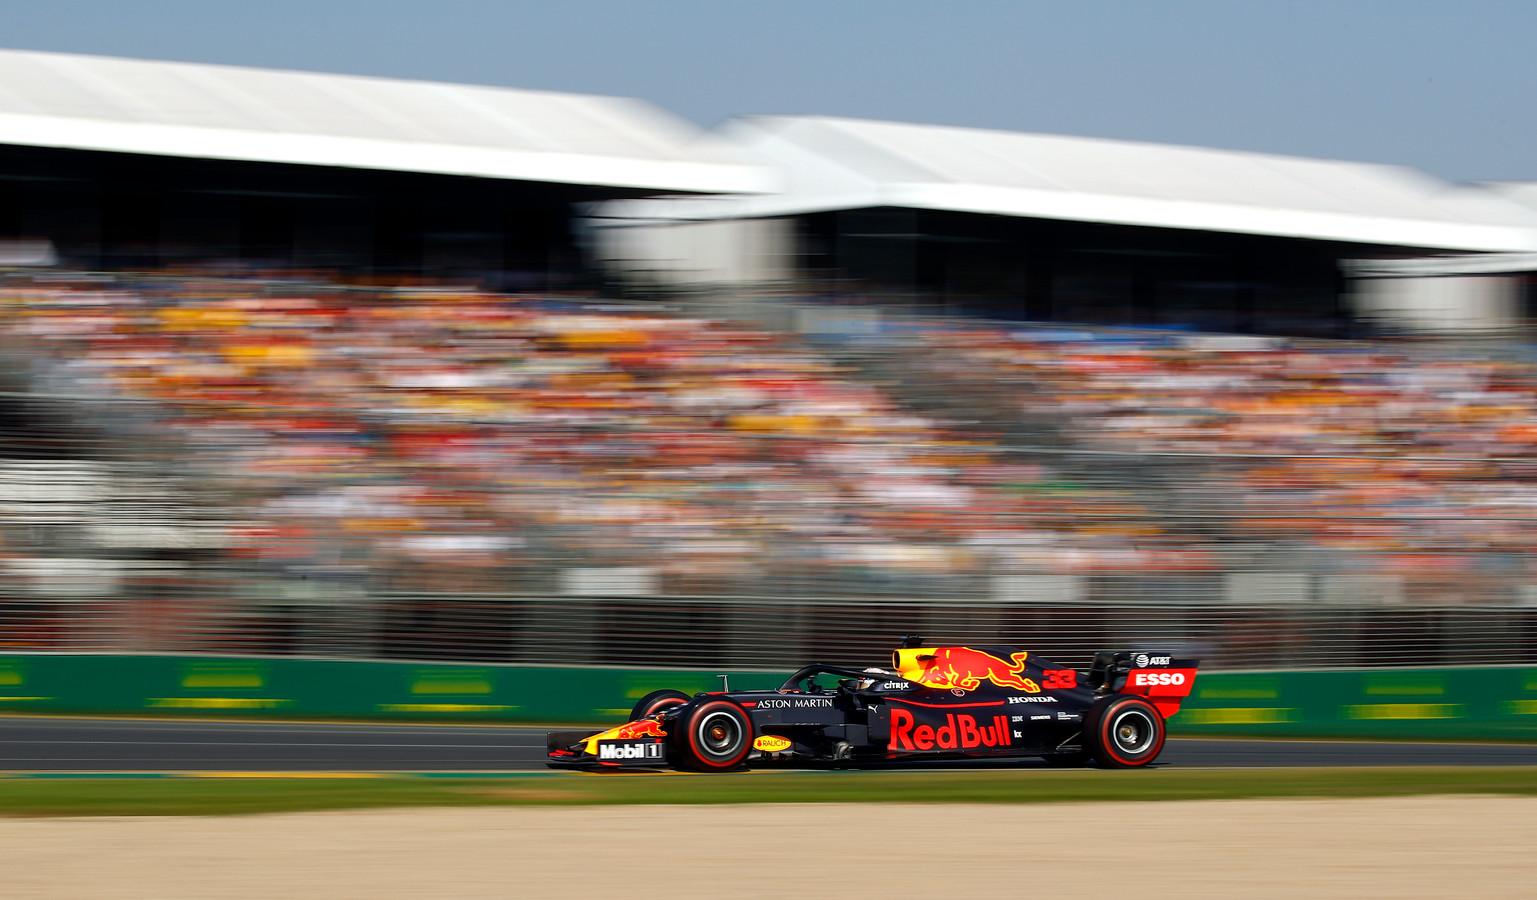 Max Verstappen racet langs volle tribunes in Melbourne in 2019.